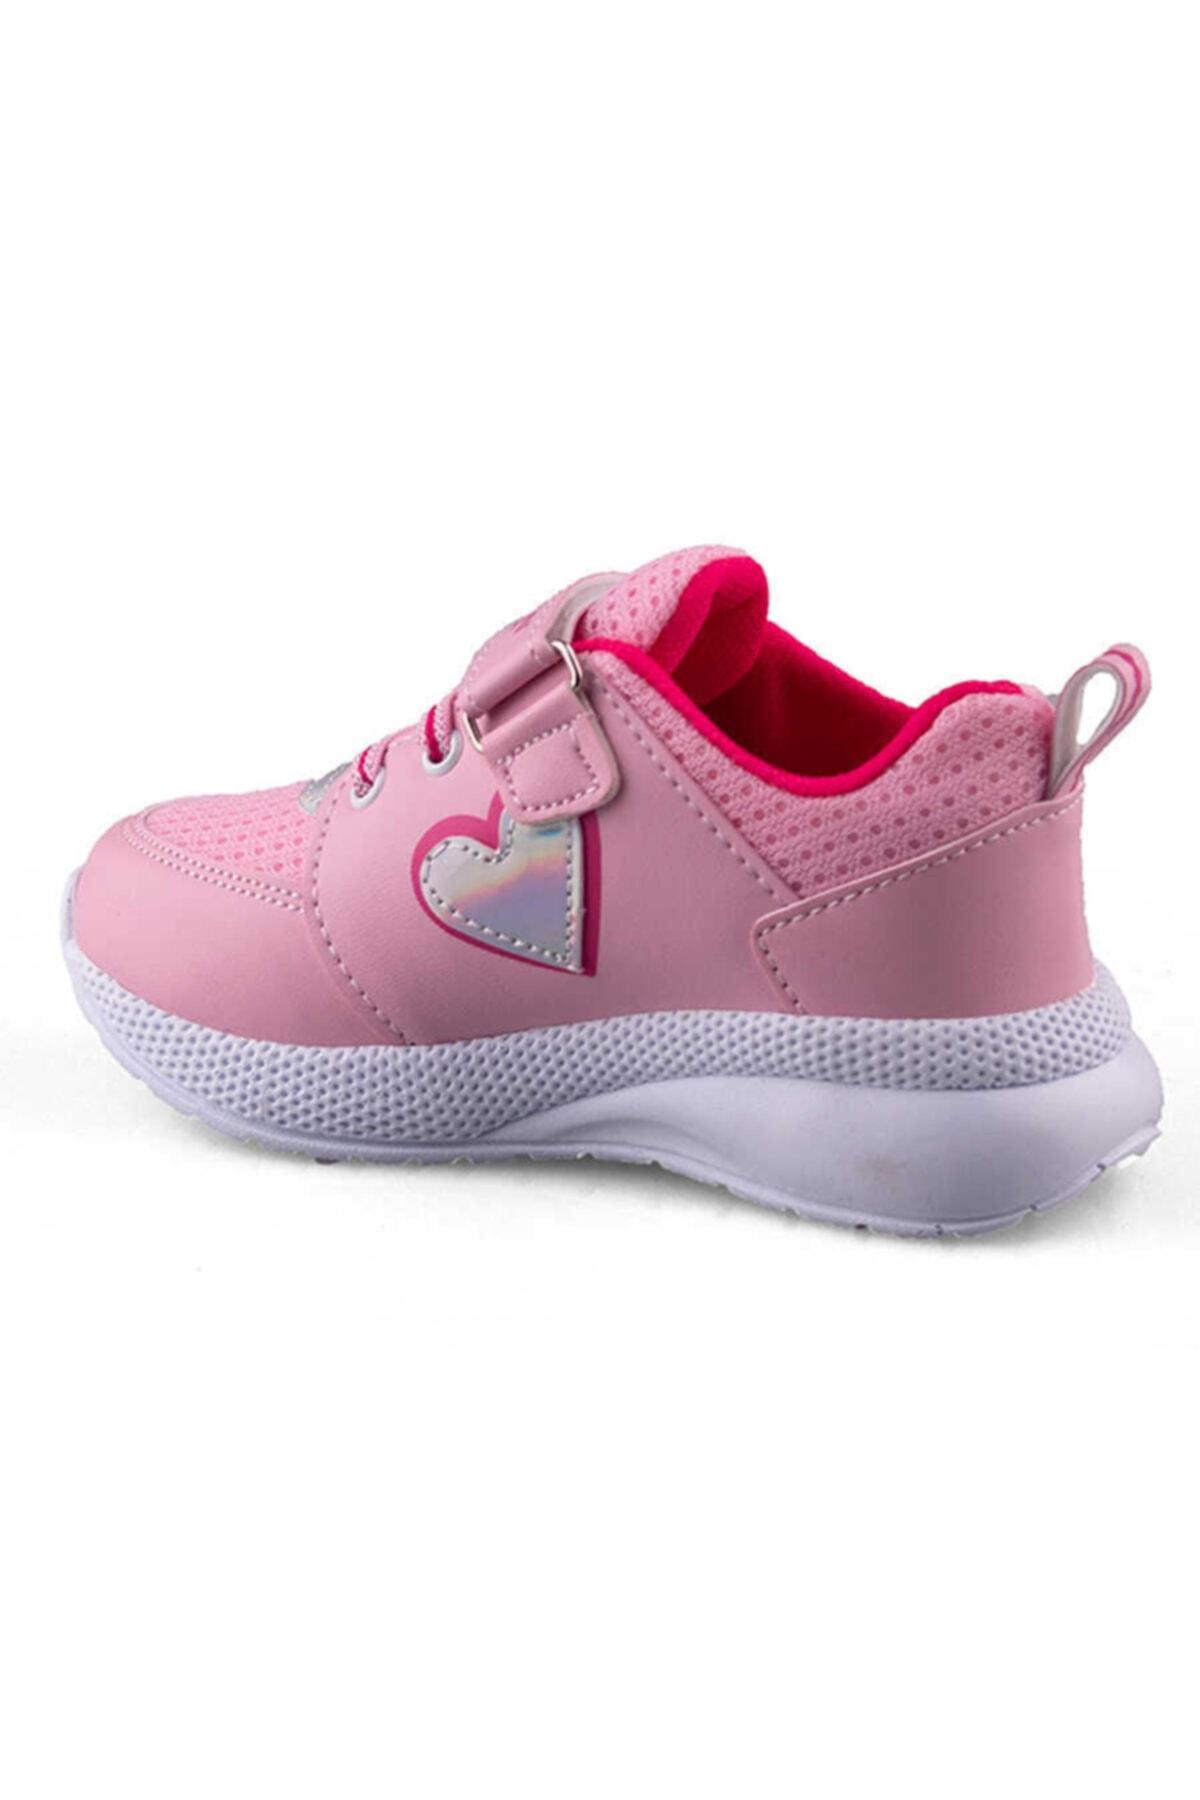 Dolphin Çocuk Işıklı Spor Ayakkabı 2